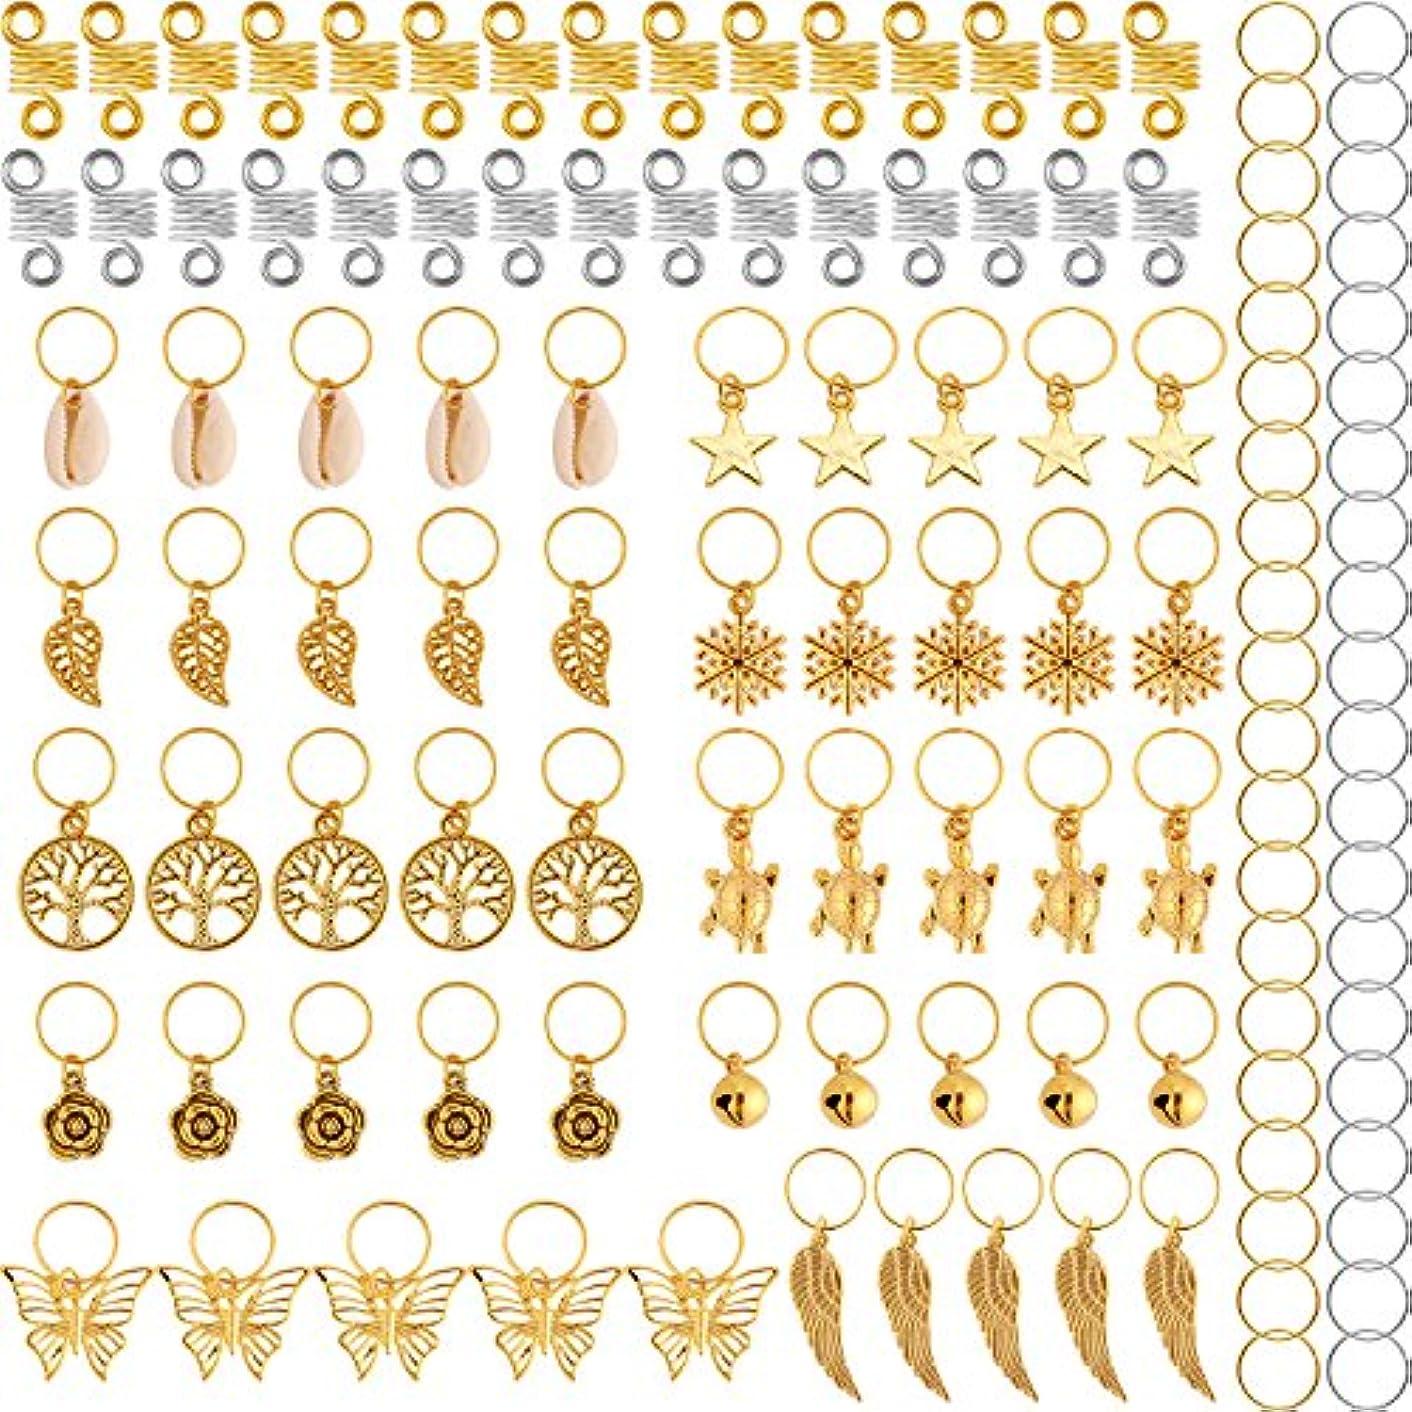 TecUnite 120 Pieces Hair Braid Rings Metal Hair Cuffs Copper Hair Dreadlocks and Pendant Charms Hair Clip Headband Accessories (Gold)